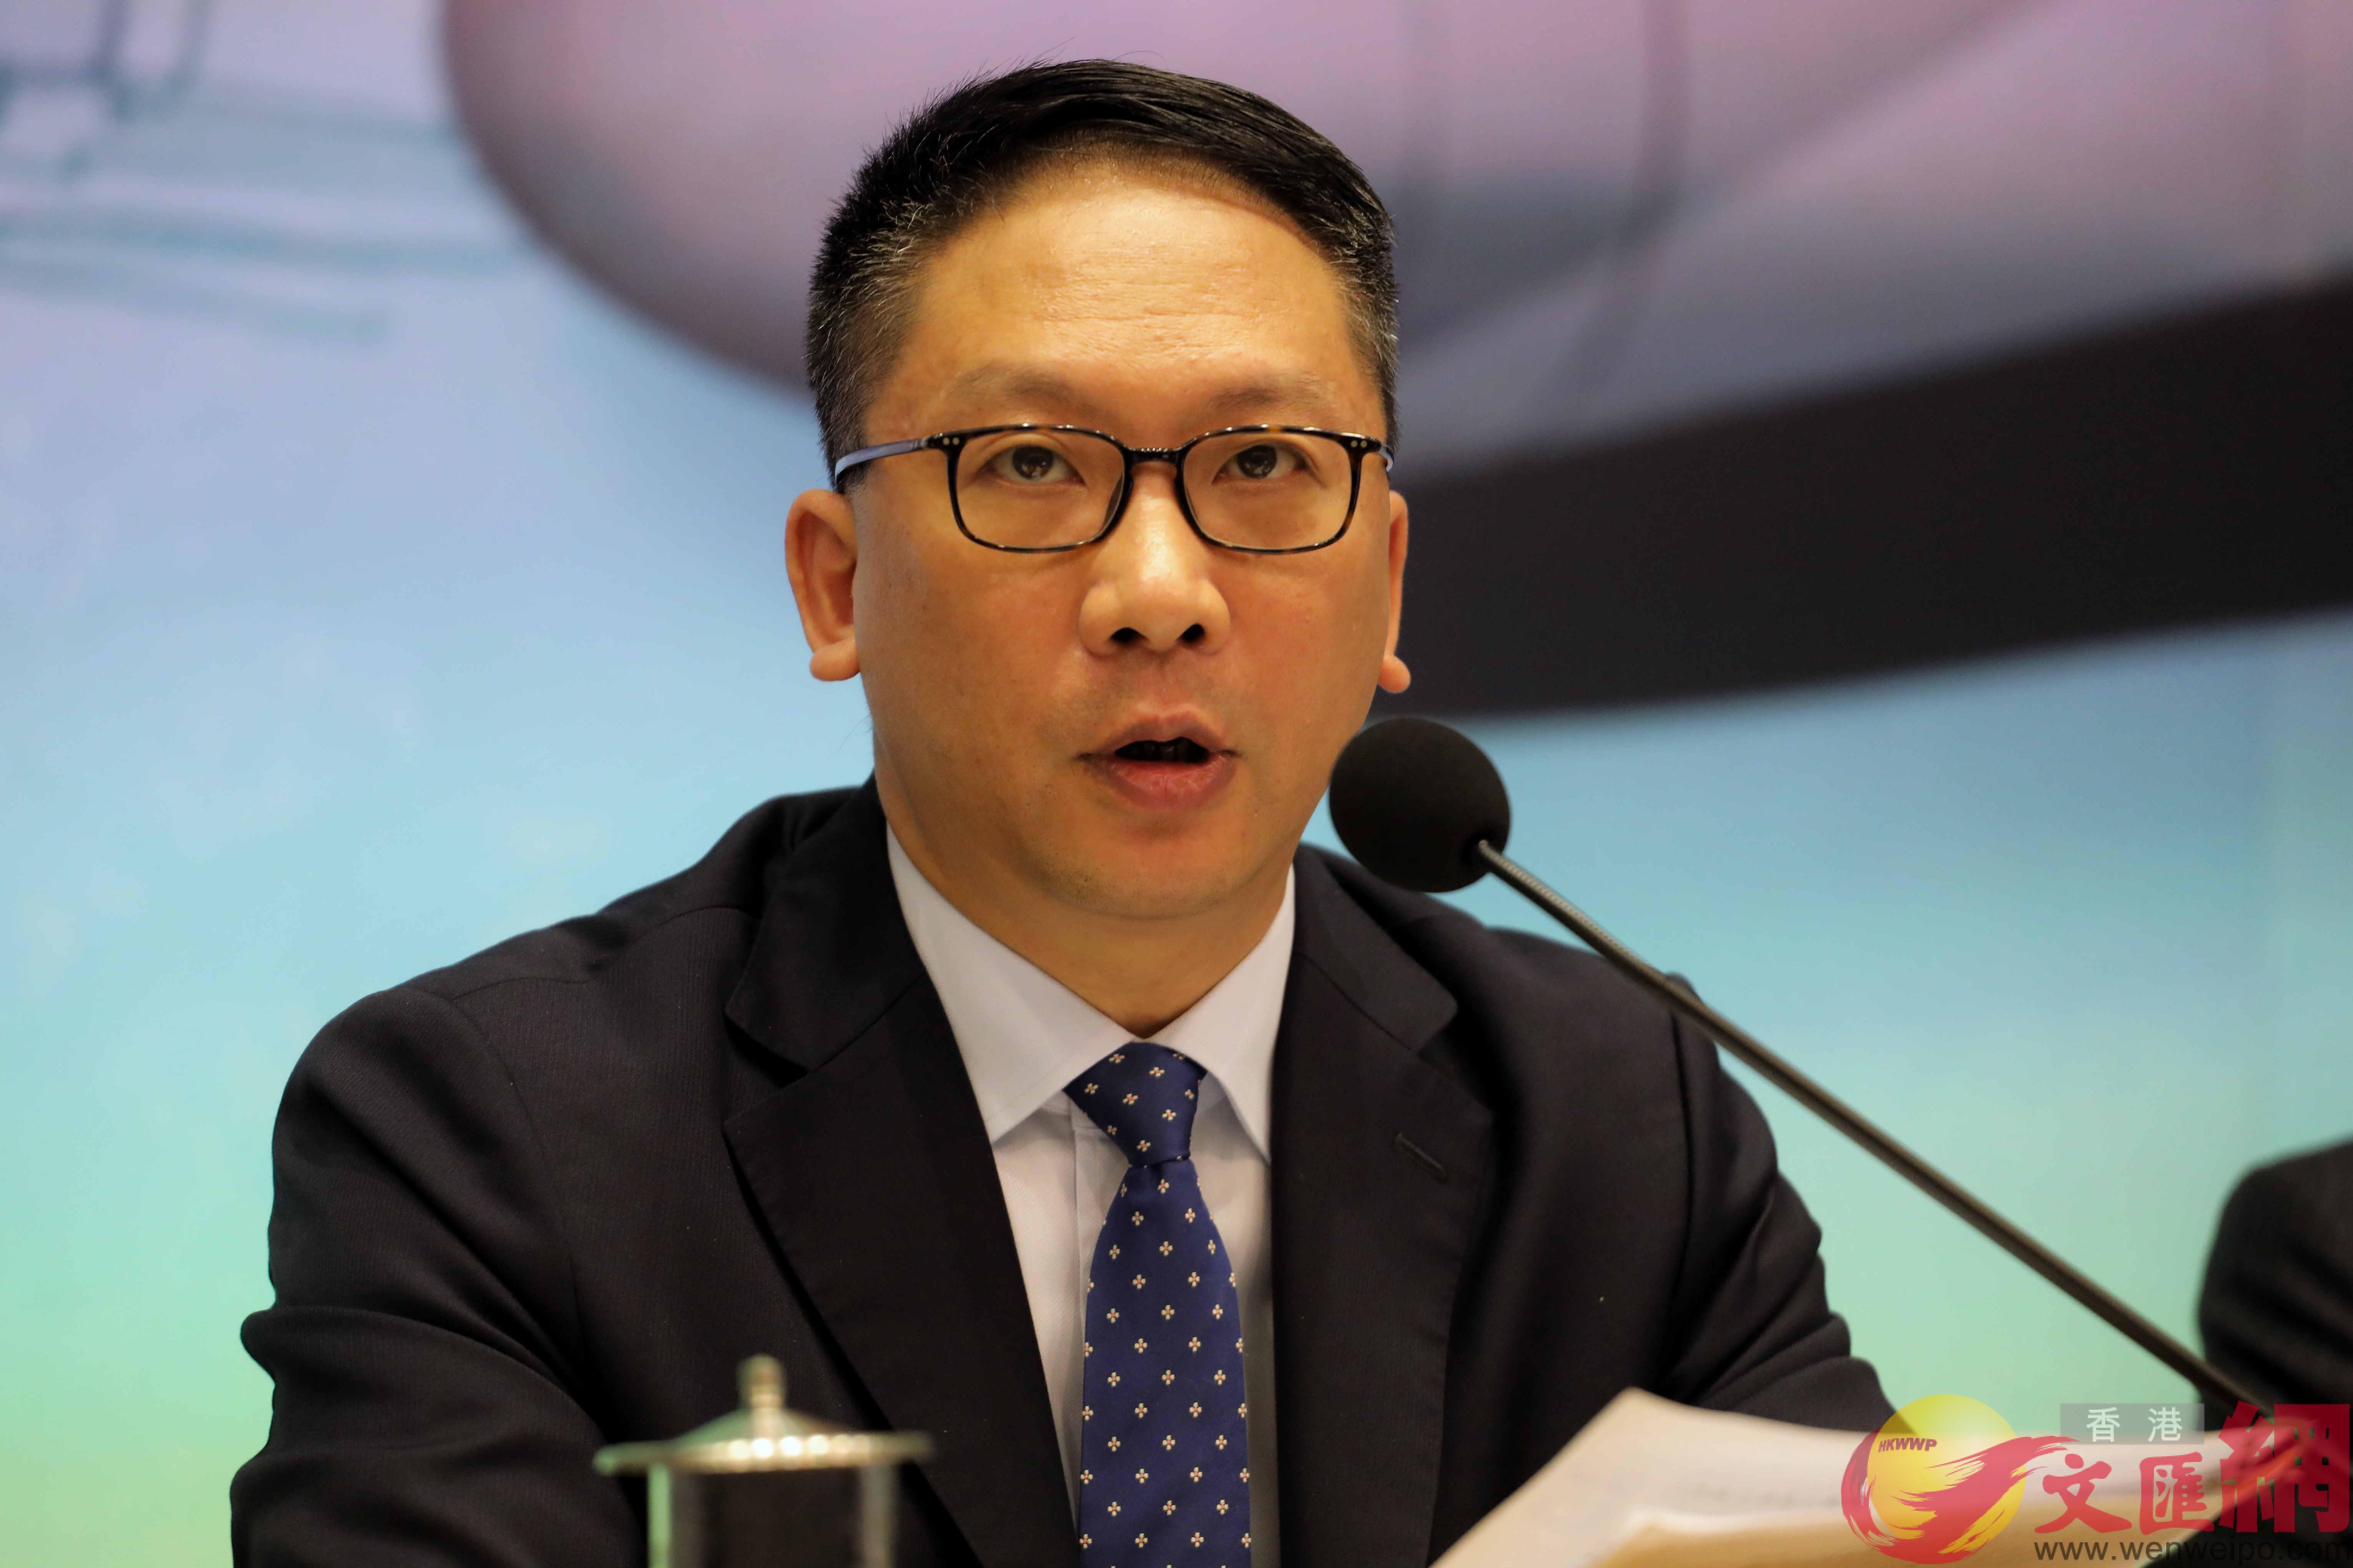 律政司司長袁國強表示,特區政府建議採用「三步走」方式實施「一地兩檢」